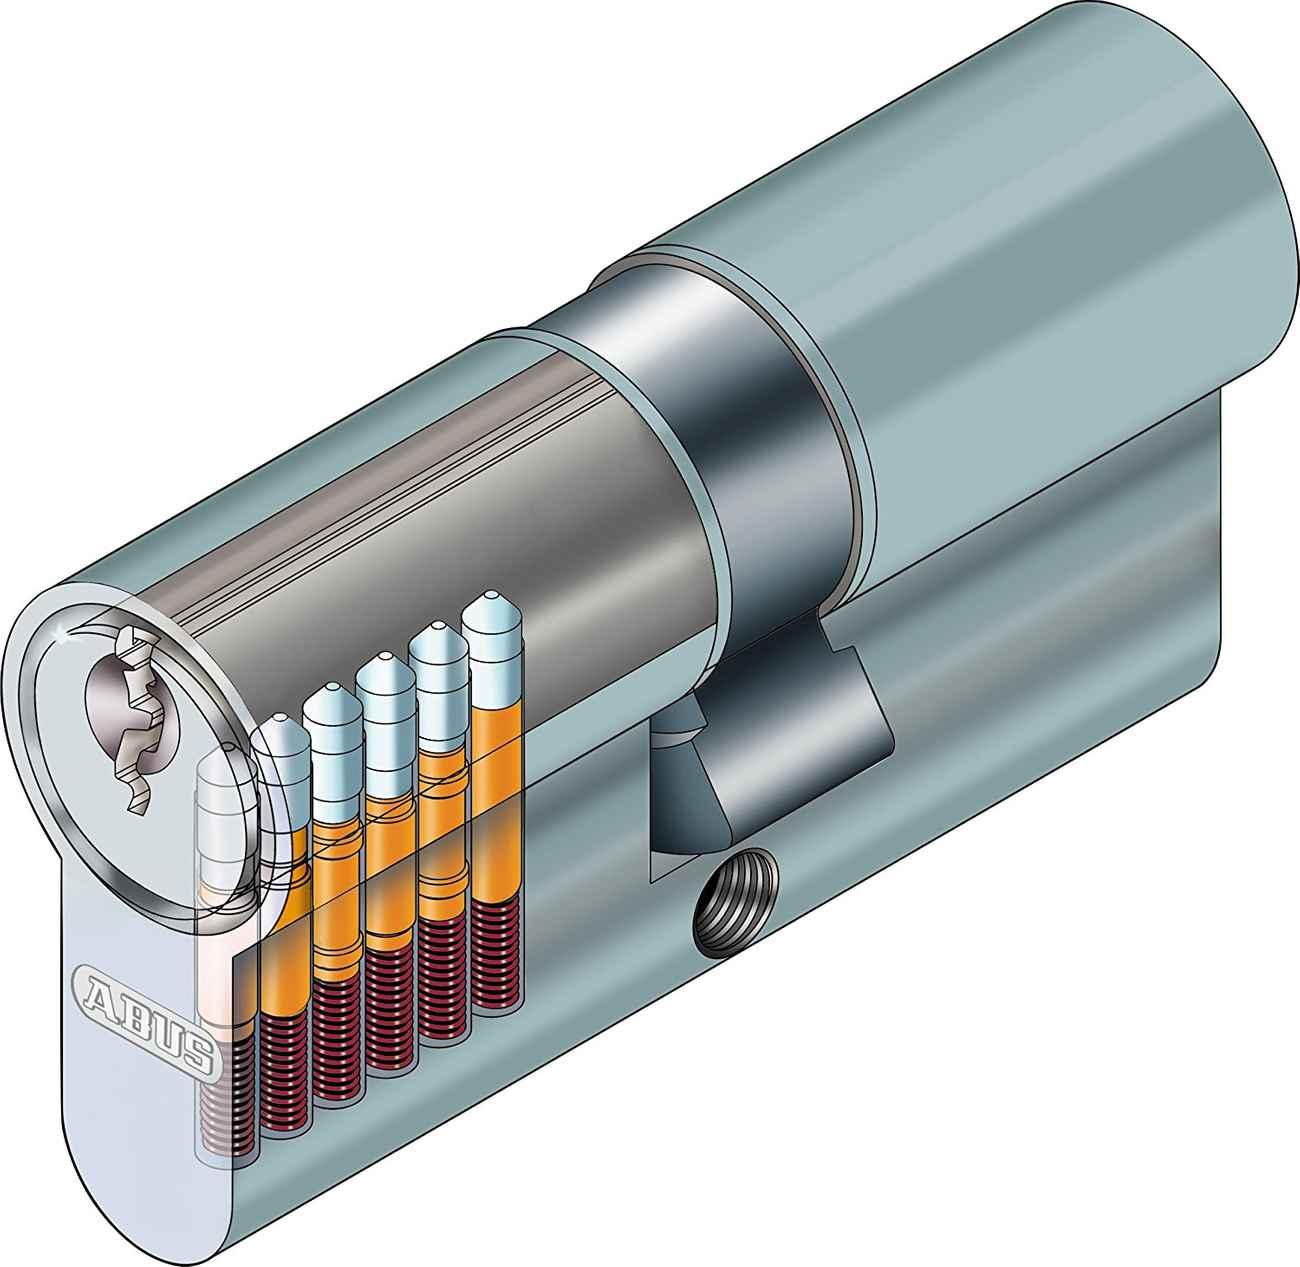 ABUS Profilzylinder E30NP Länge 40/40 Türzylinder mit Profilschlüssel - Doppelzylinder – Bild 3